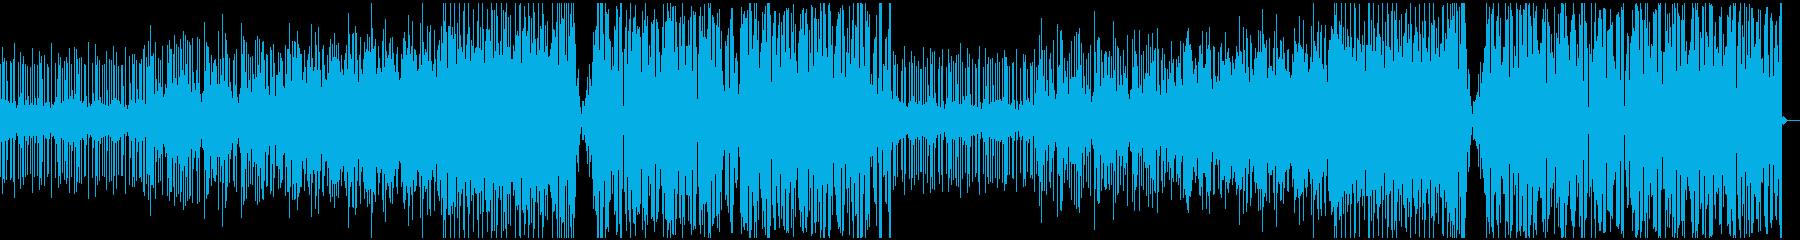 夏を思い出させる切ないメロディーのEDMの再生済みの波形